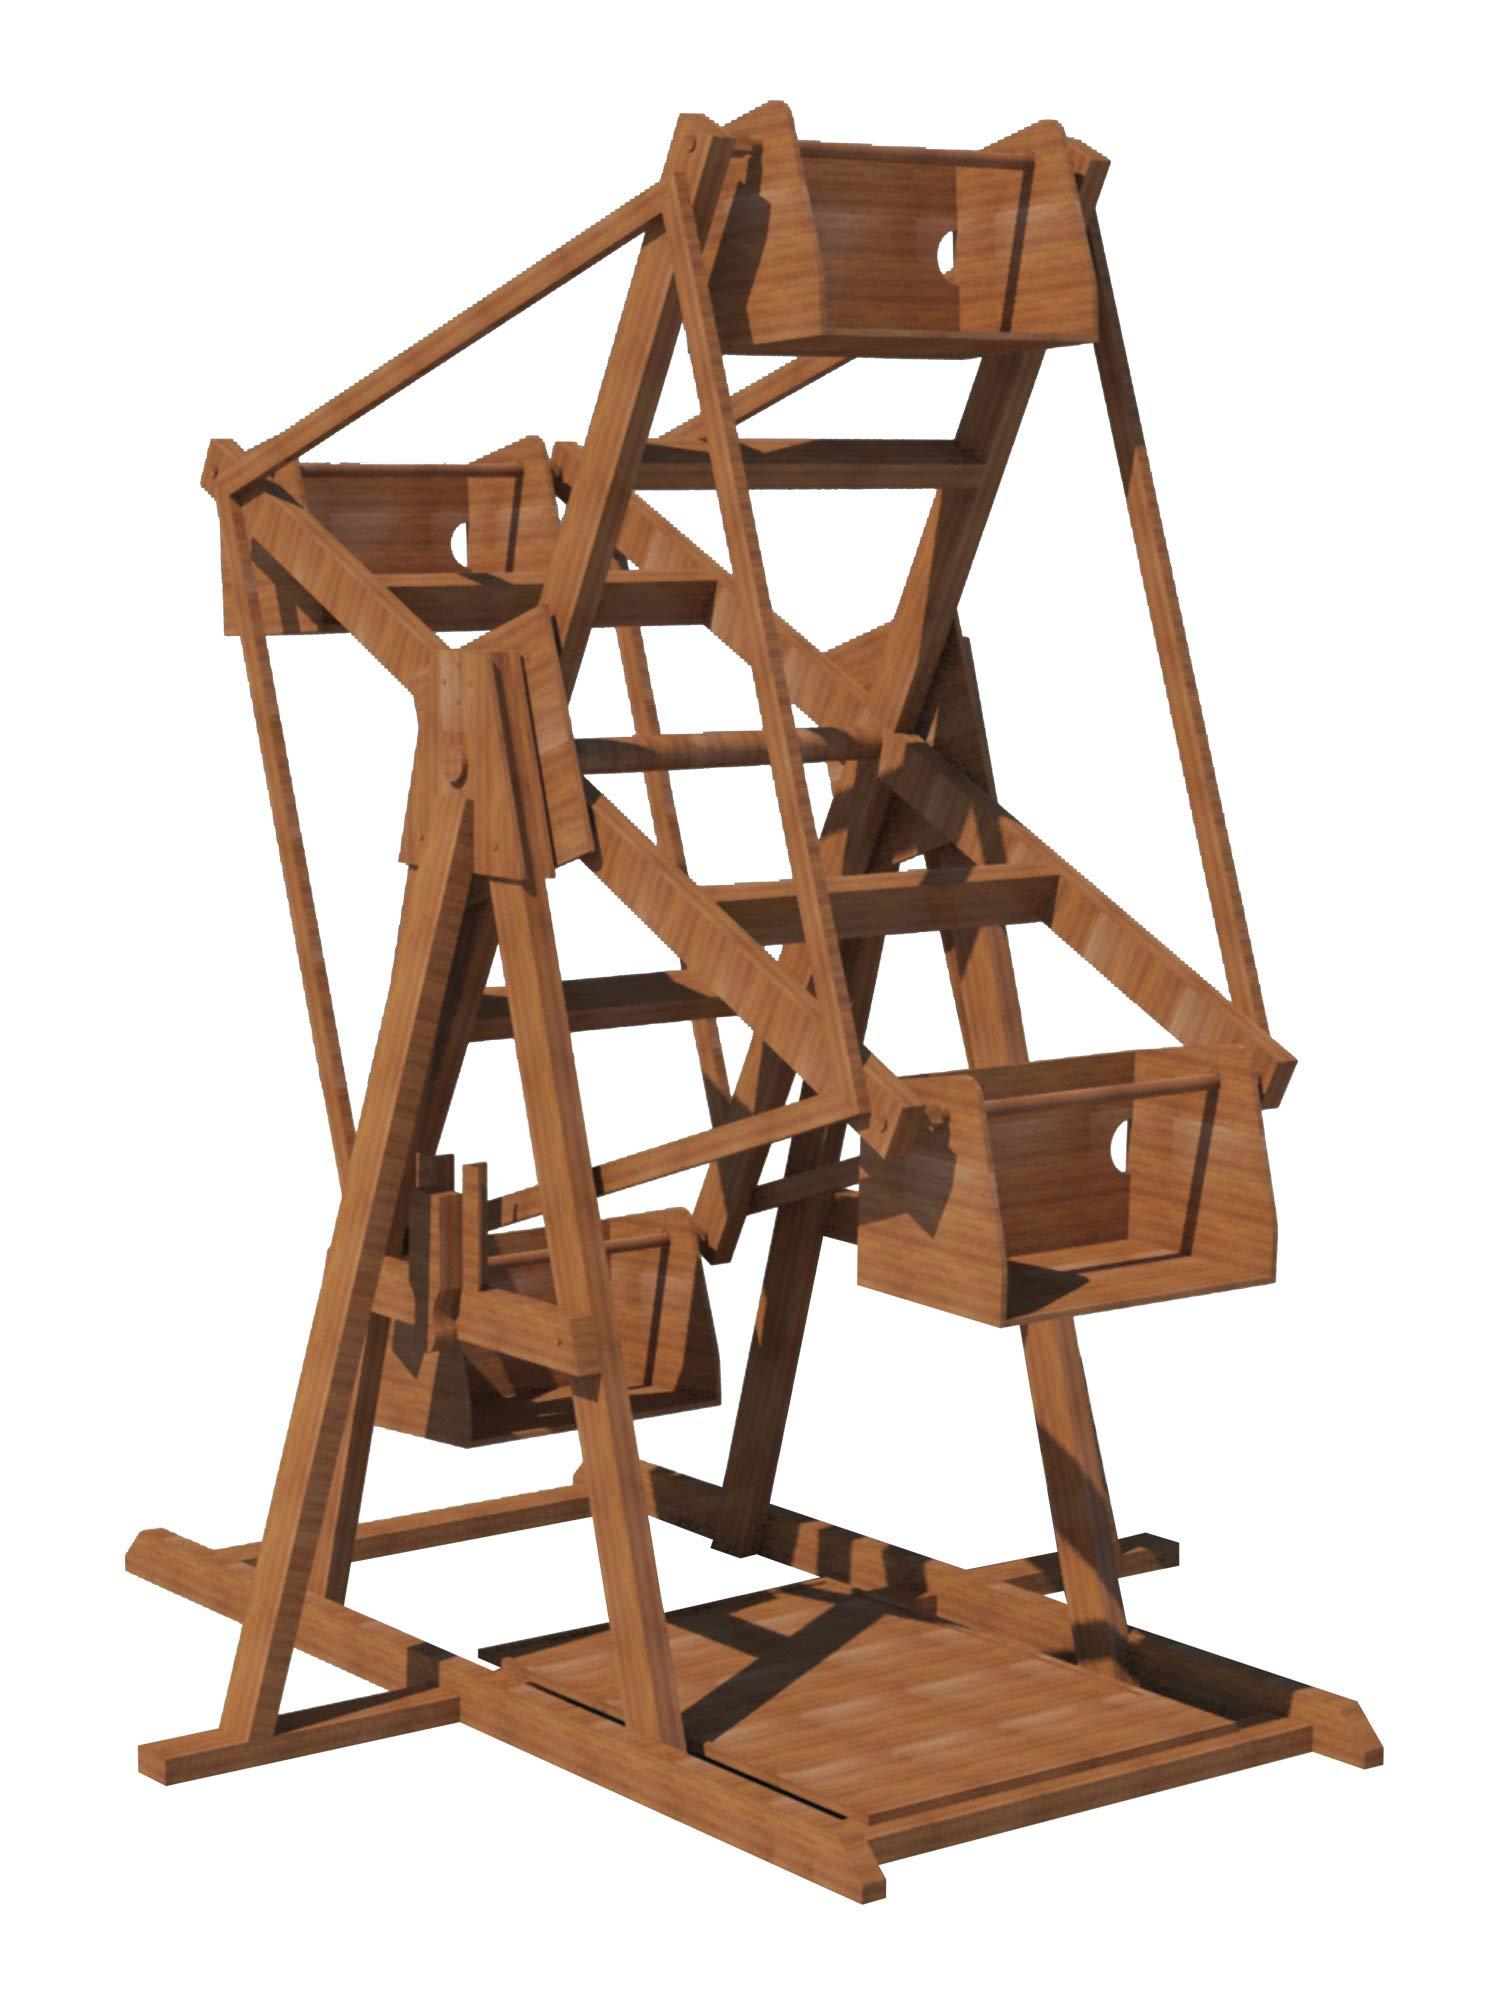 摩天轮计划后院 8 英尺 DIY 户外游乐场儿童玩具木工